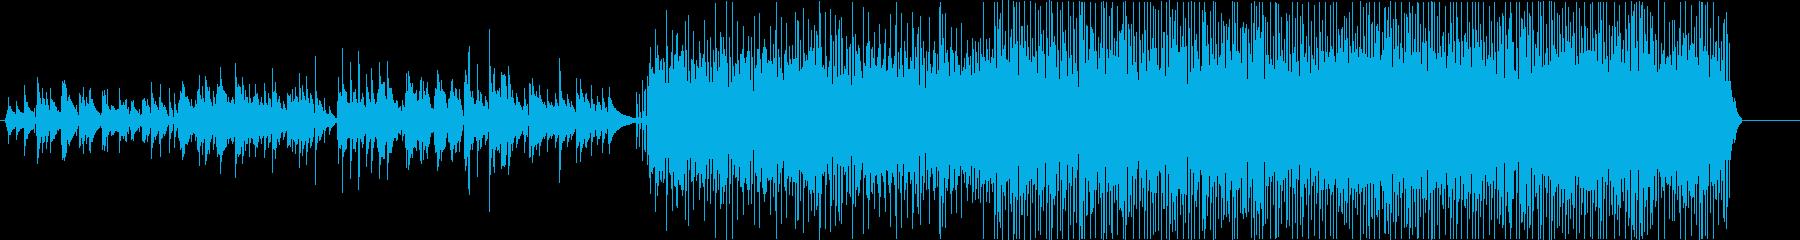 Riversの再生済みの波形